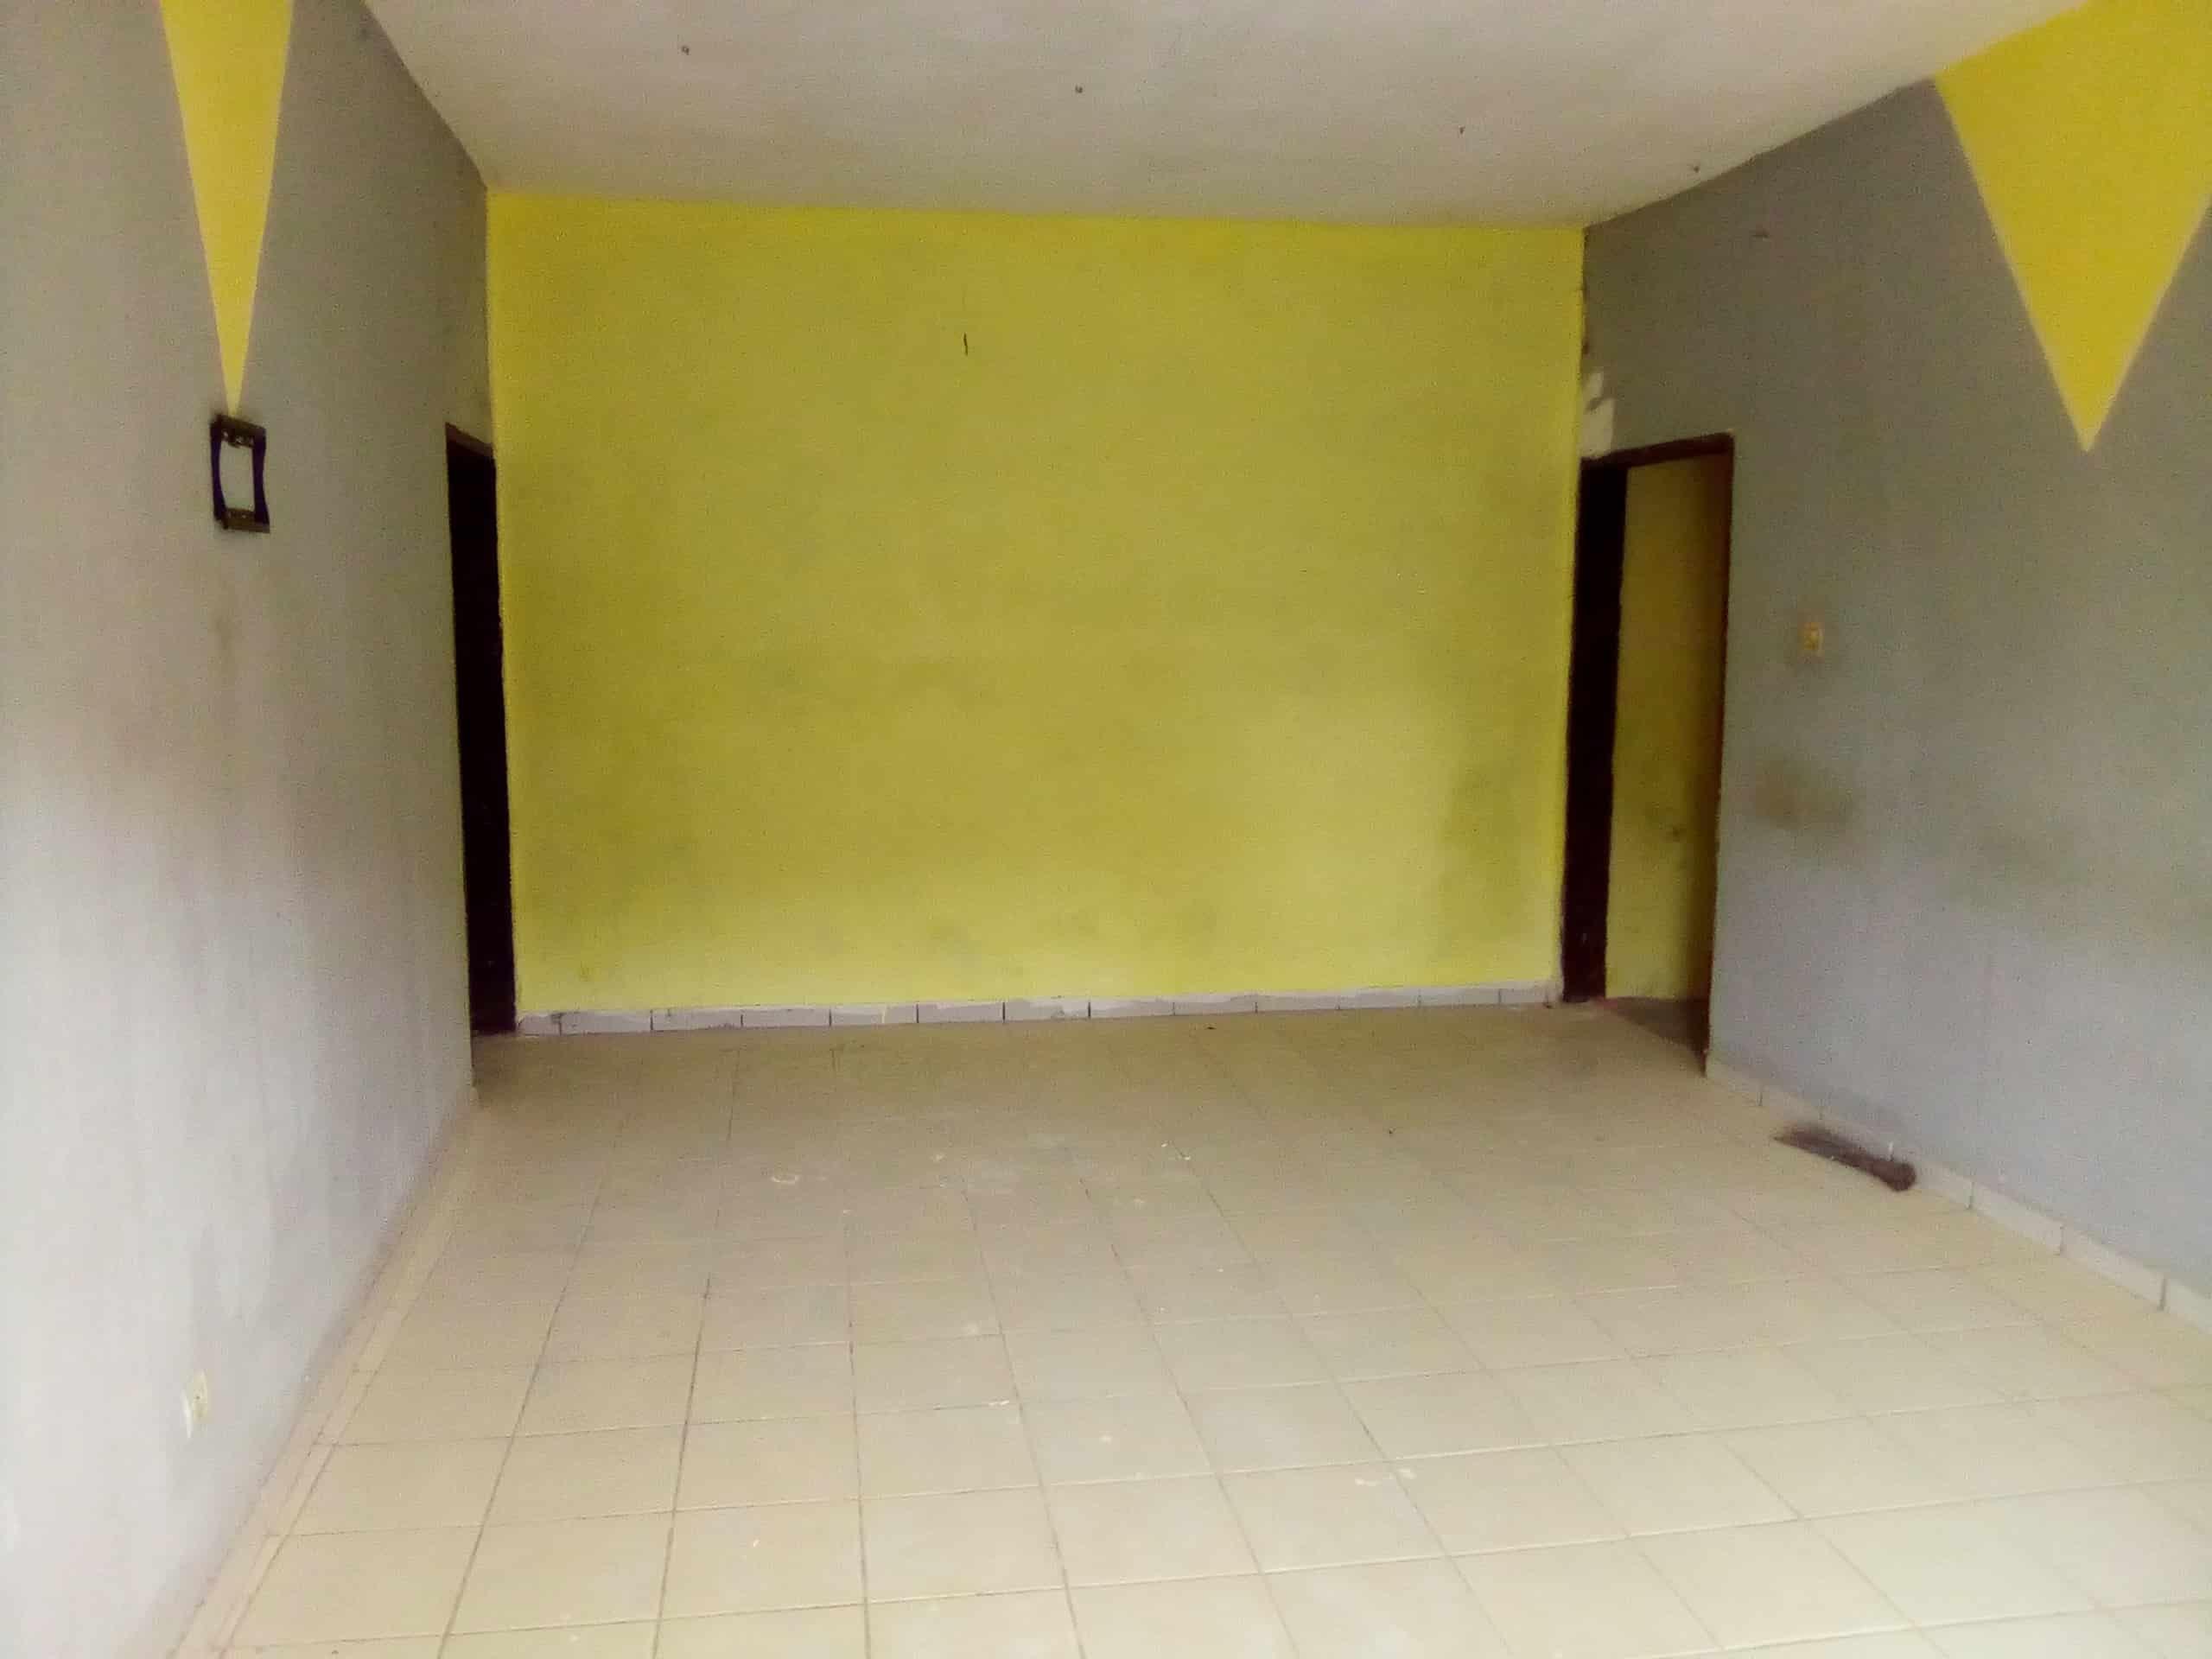 Appartement à louer - Douala, Makepe, BM - 1 salon(s), 3 chambre(s), 2 salle(s) de bains - 80 000 FCFA / mois